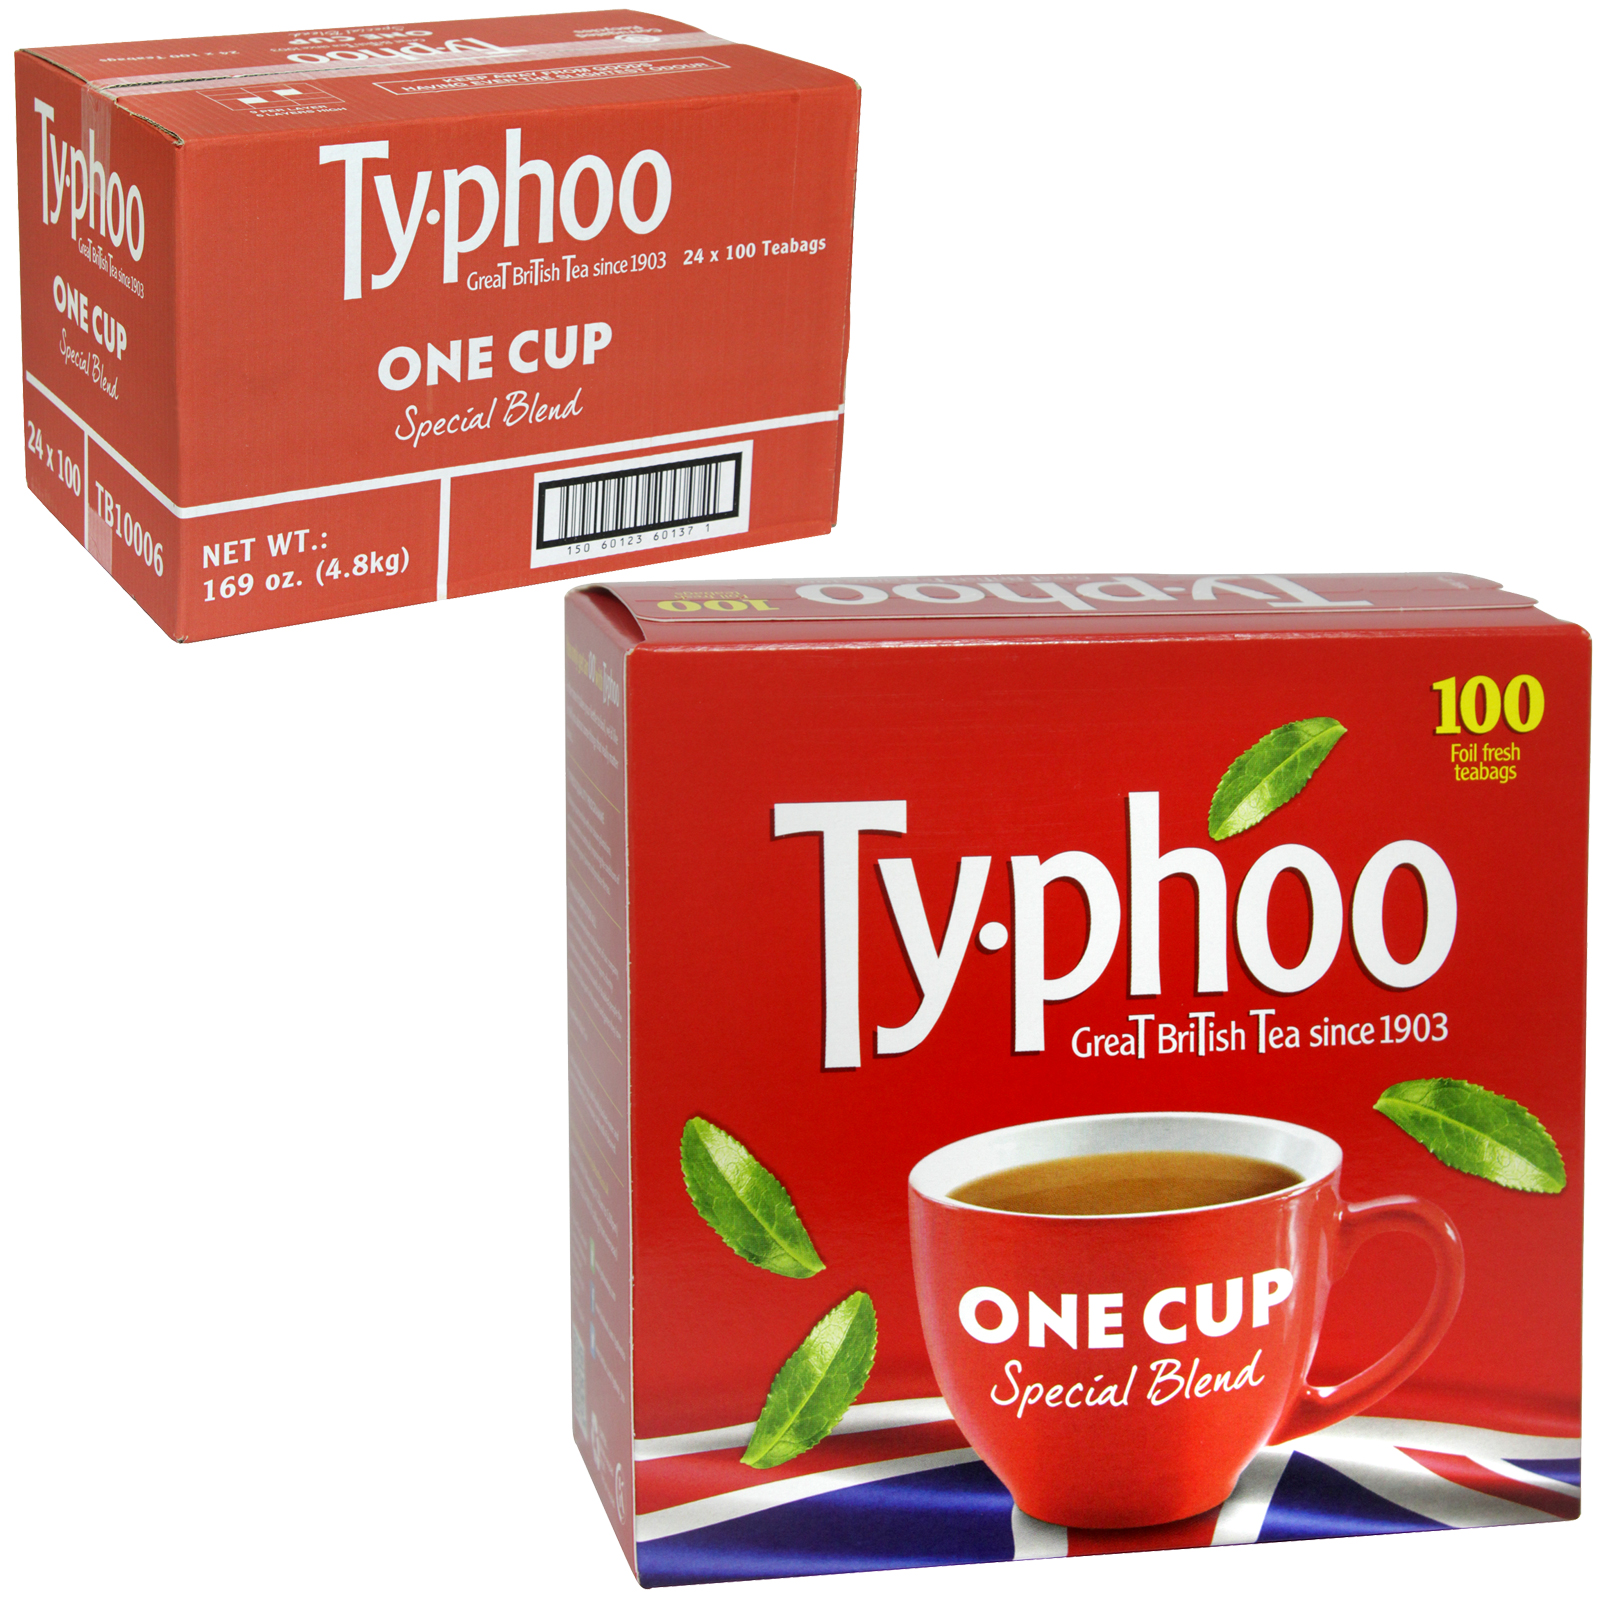 TYPHOO 100S ROUND TEA BAGS X 24